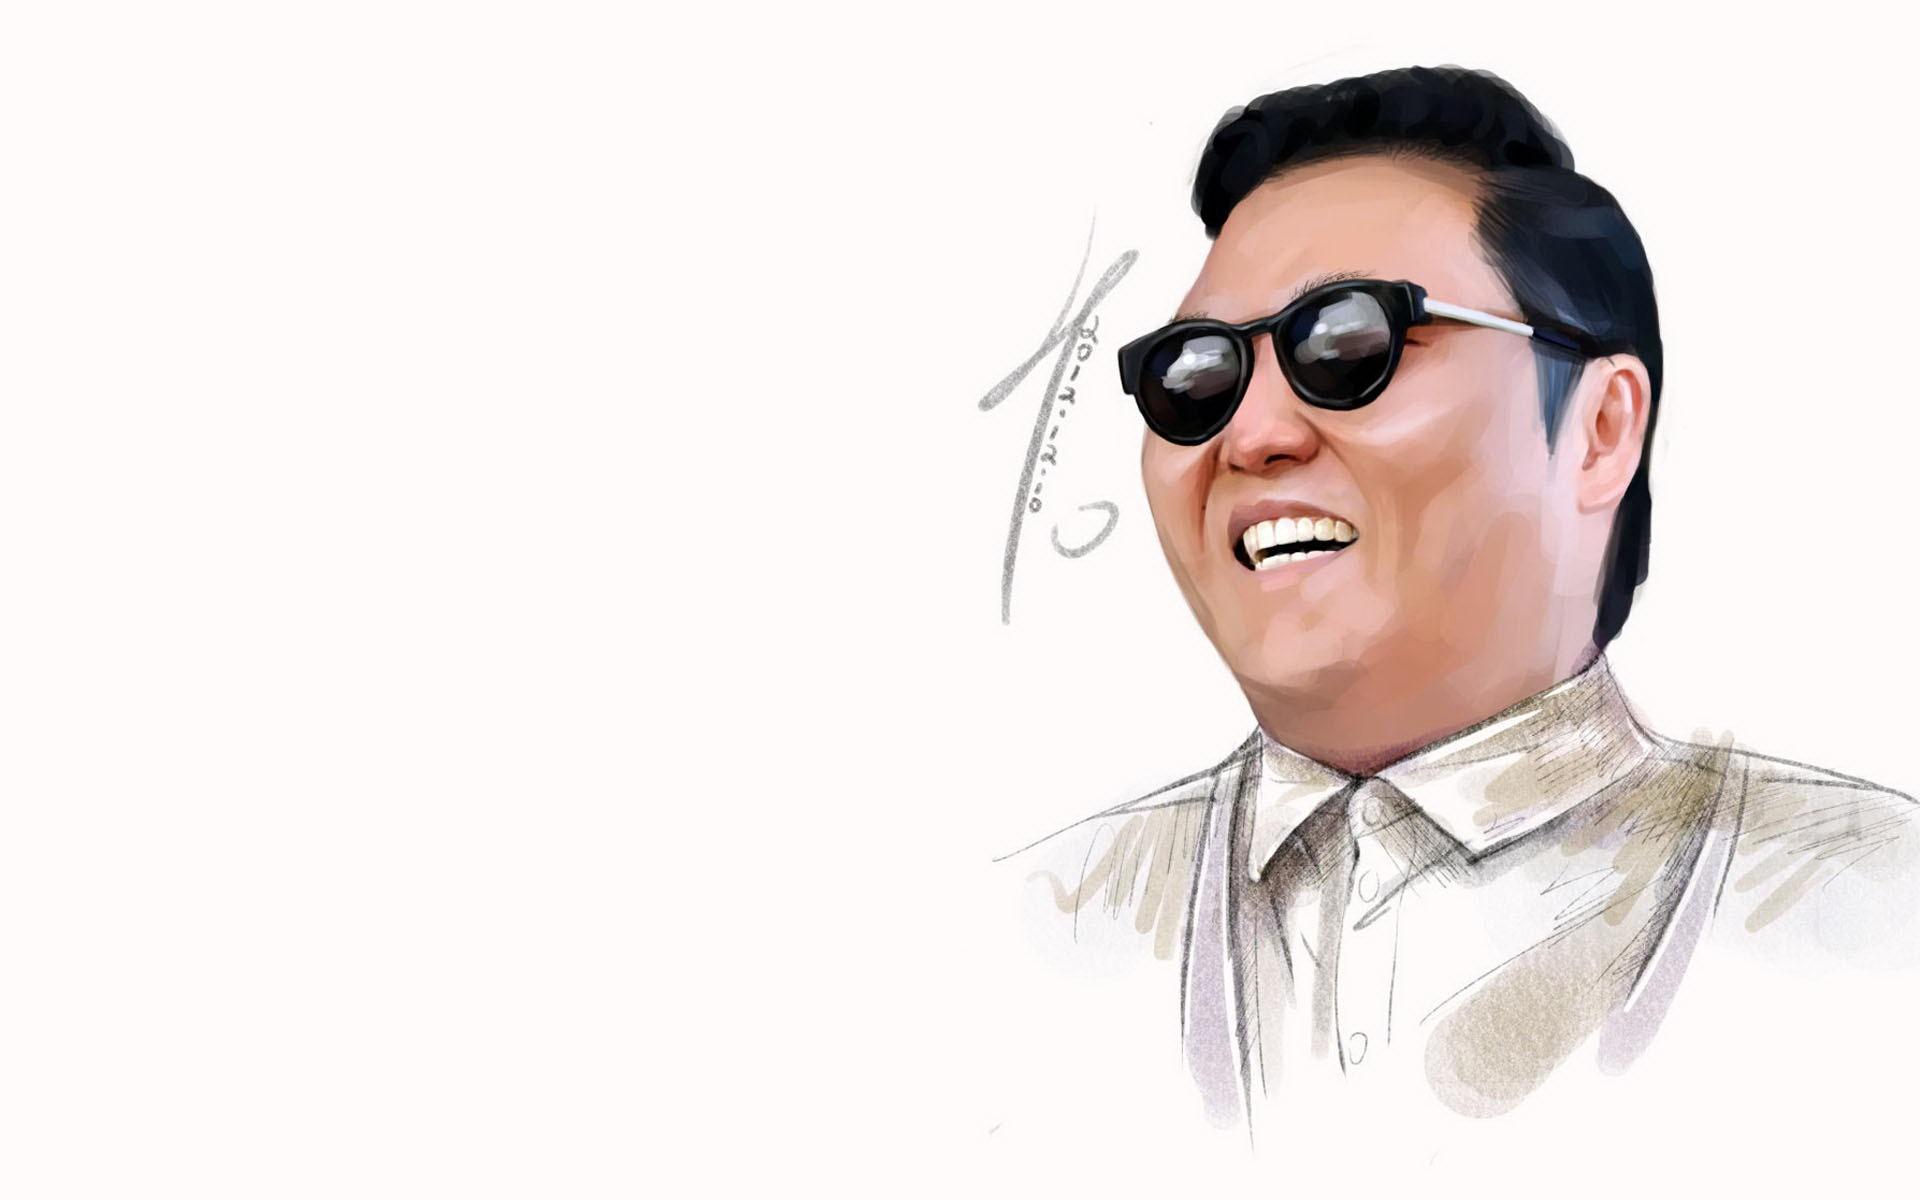 El cantante de Psy - 1920x1200